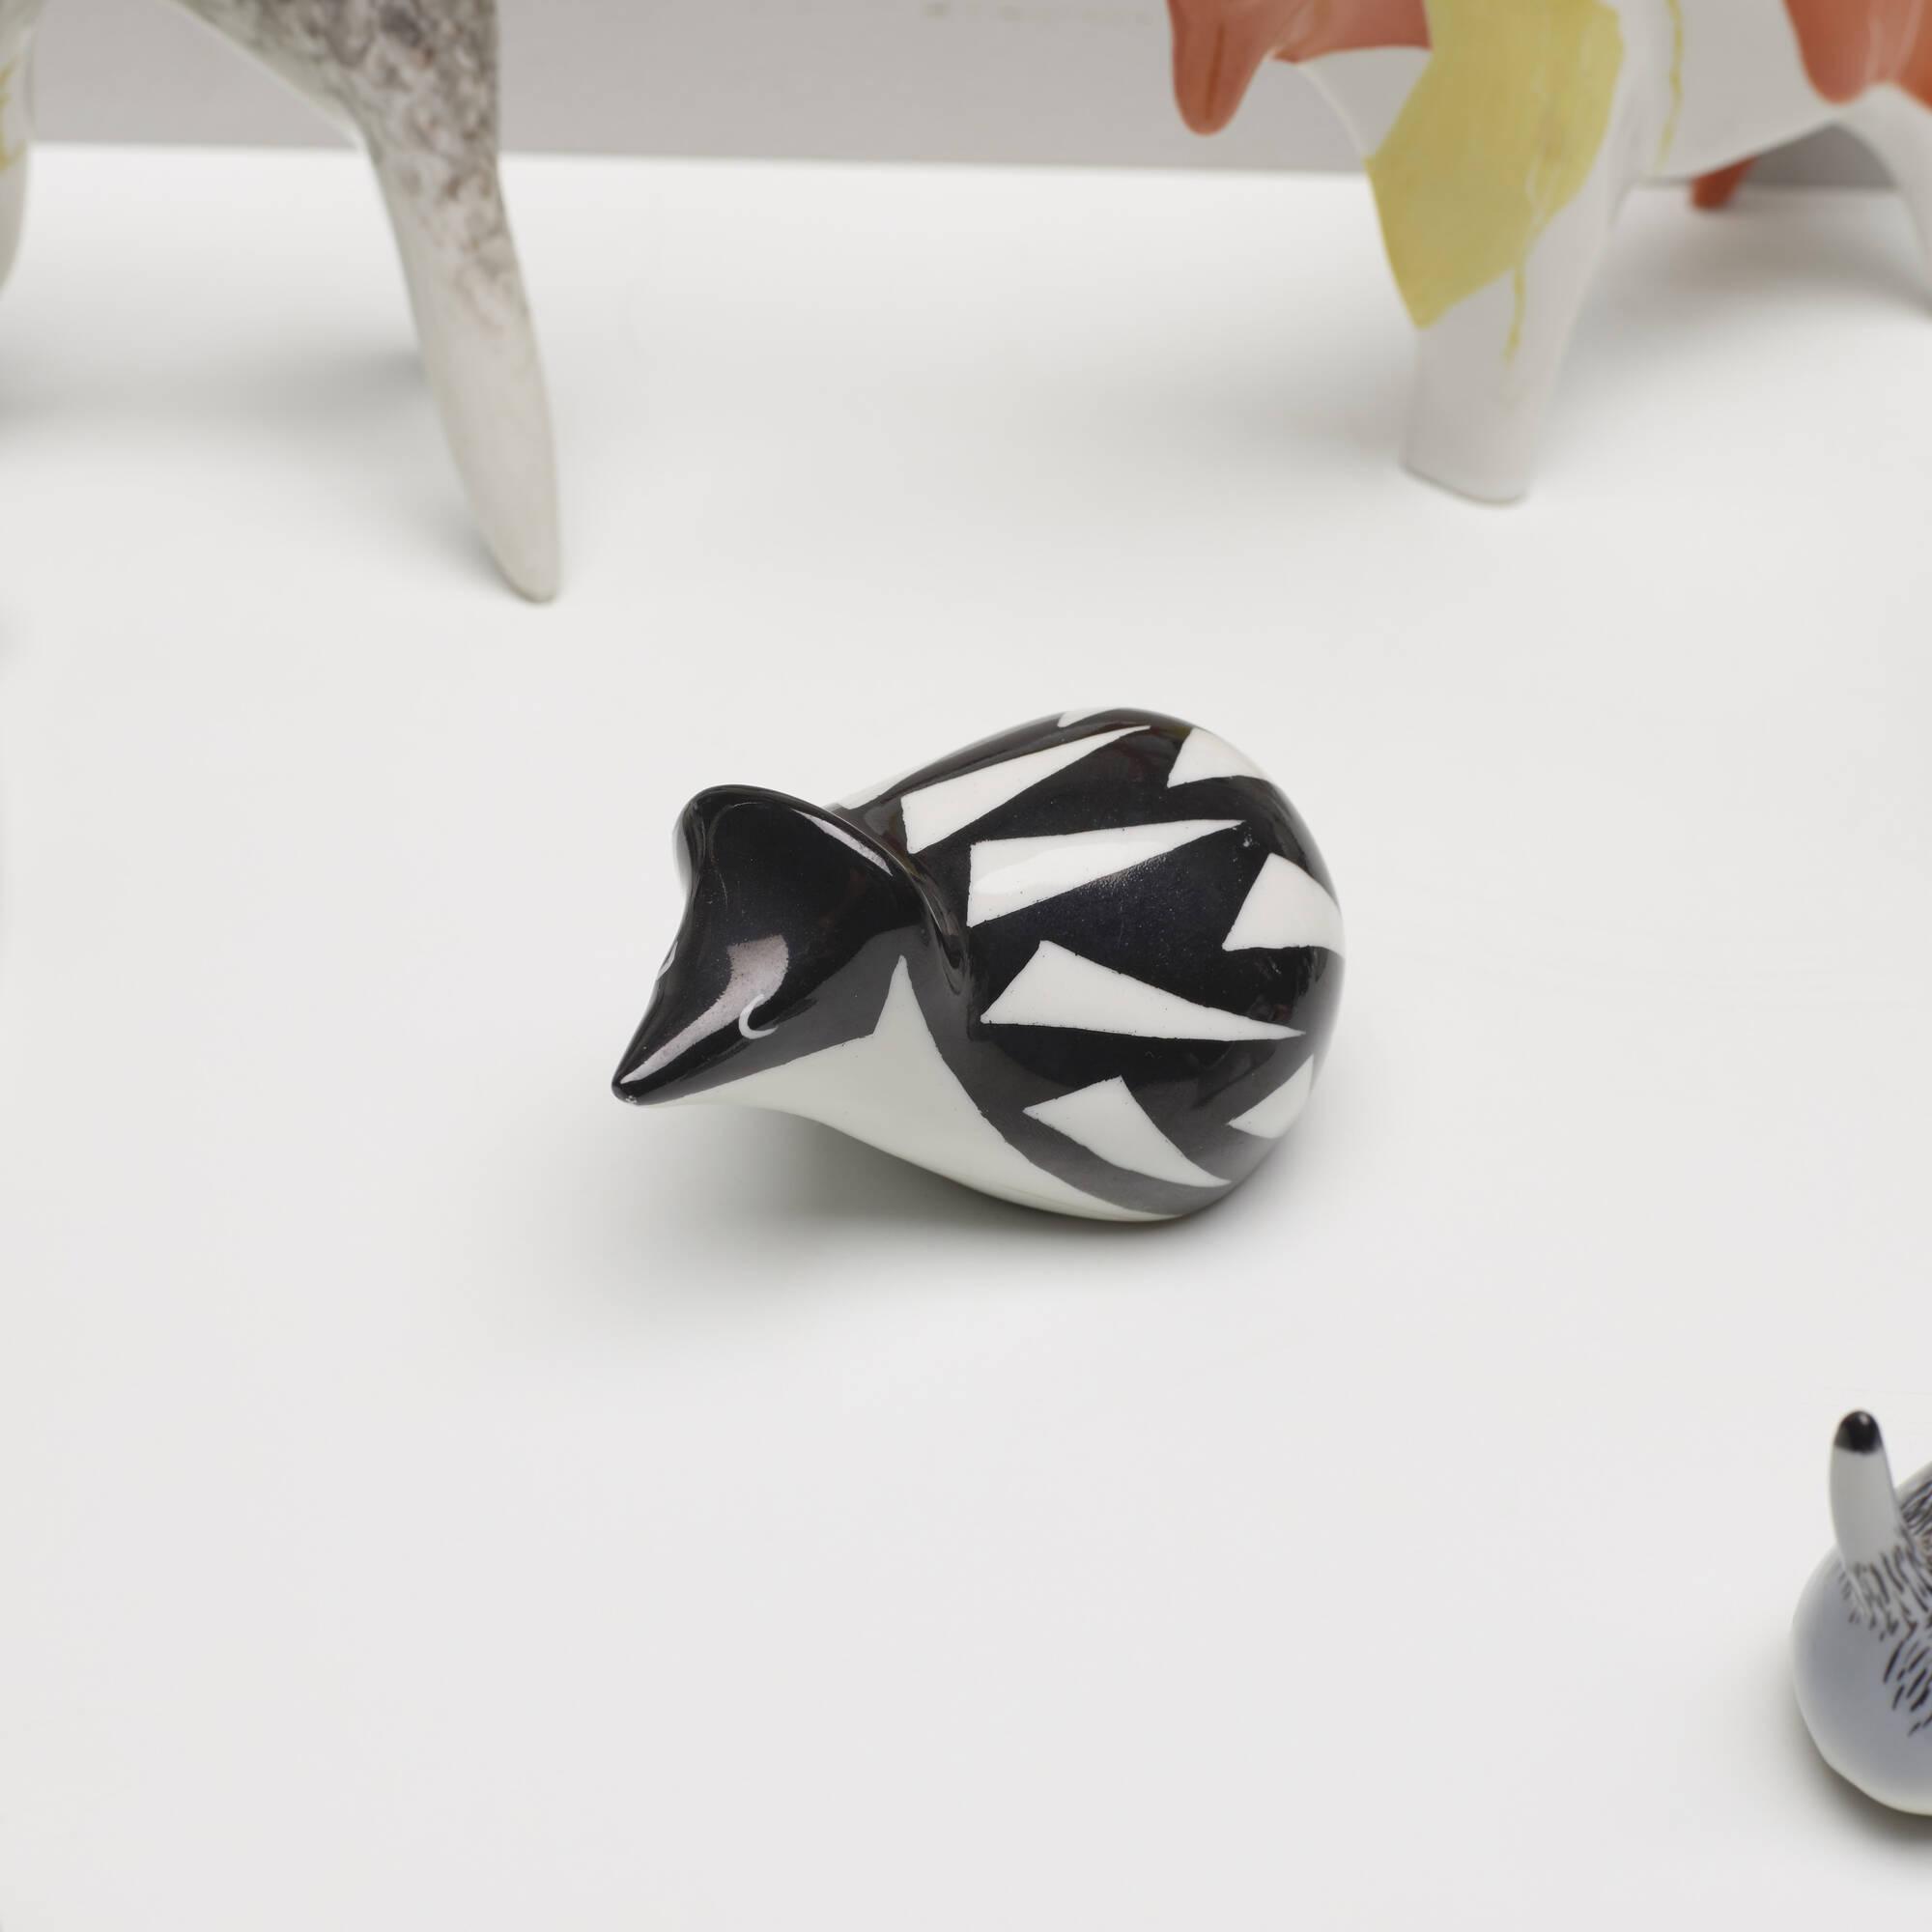 203: Mieczyslaw Naruszewicz / collection of twenty-one animal figurines (3 of 4)